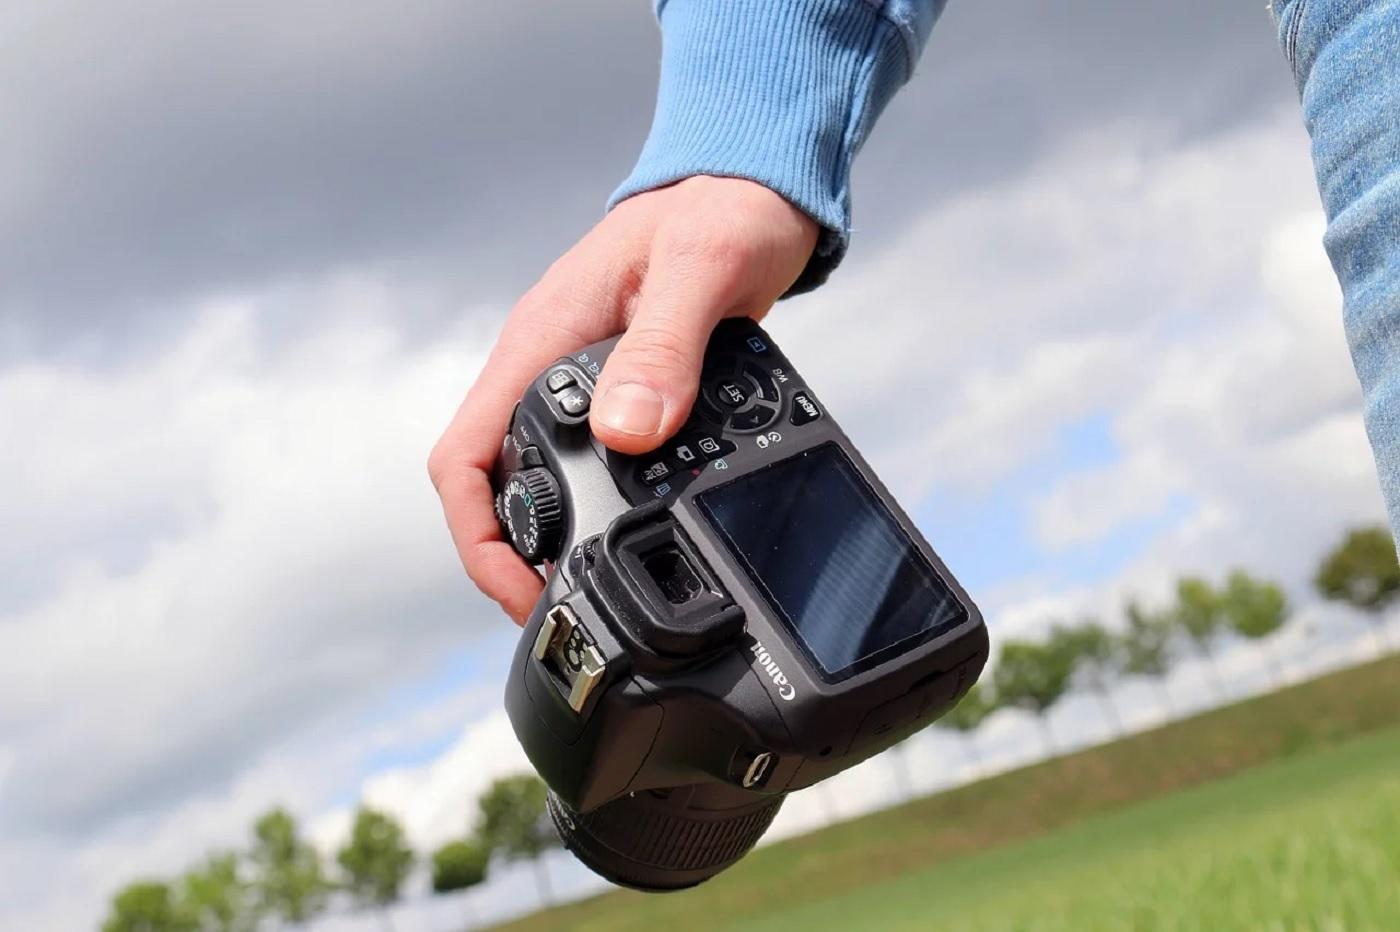 Appareil photo, caméra, Canon, photographe, photographie, images